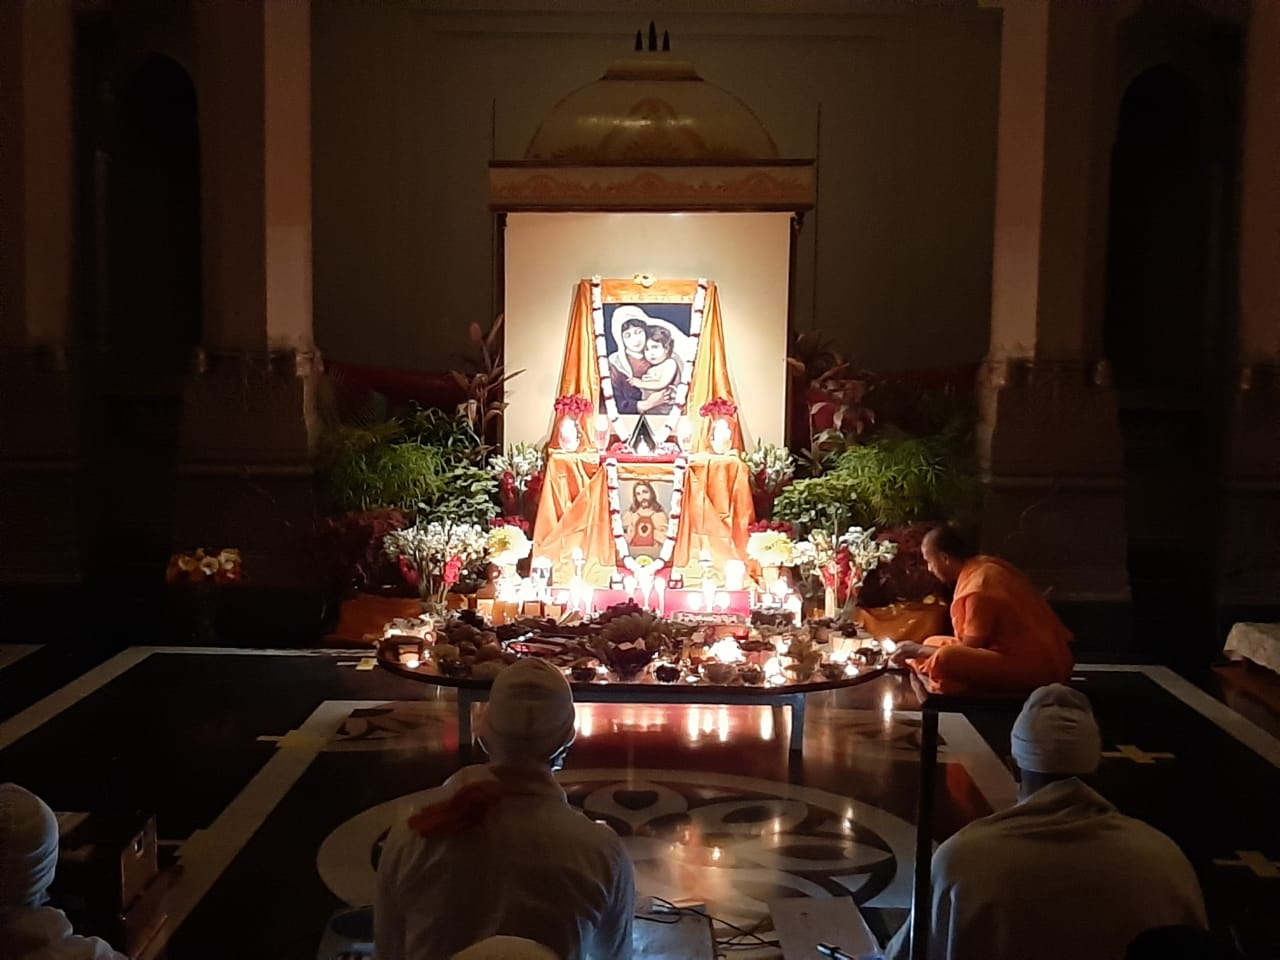 যথাযোগ্য মর্যাদায় বেলুড় মঠে যীশু পুজো